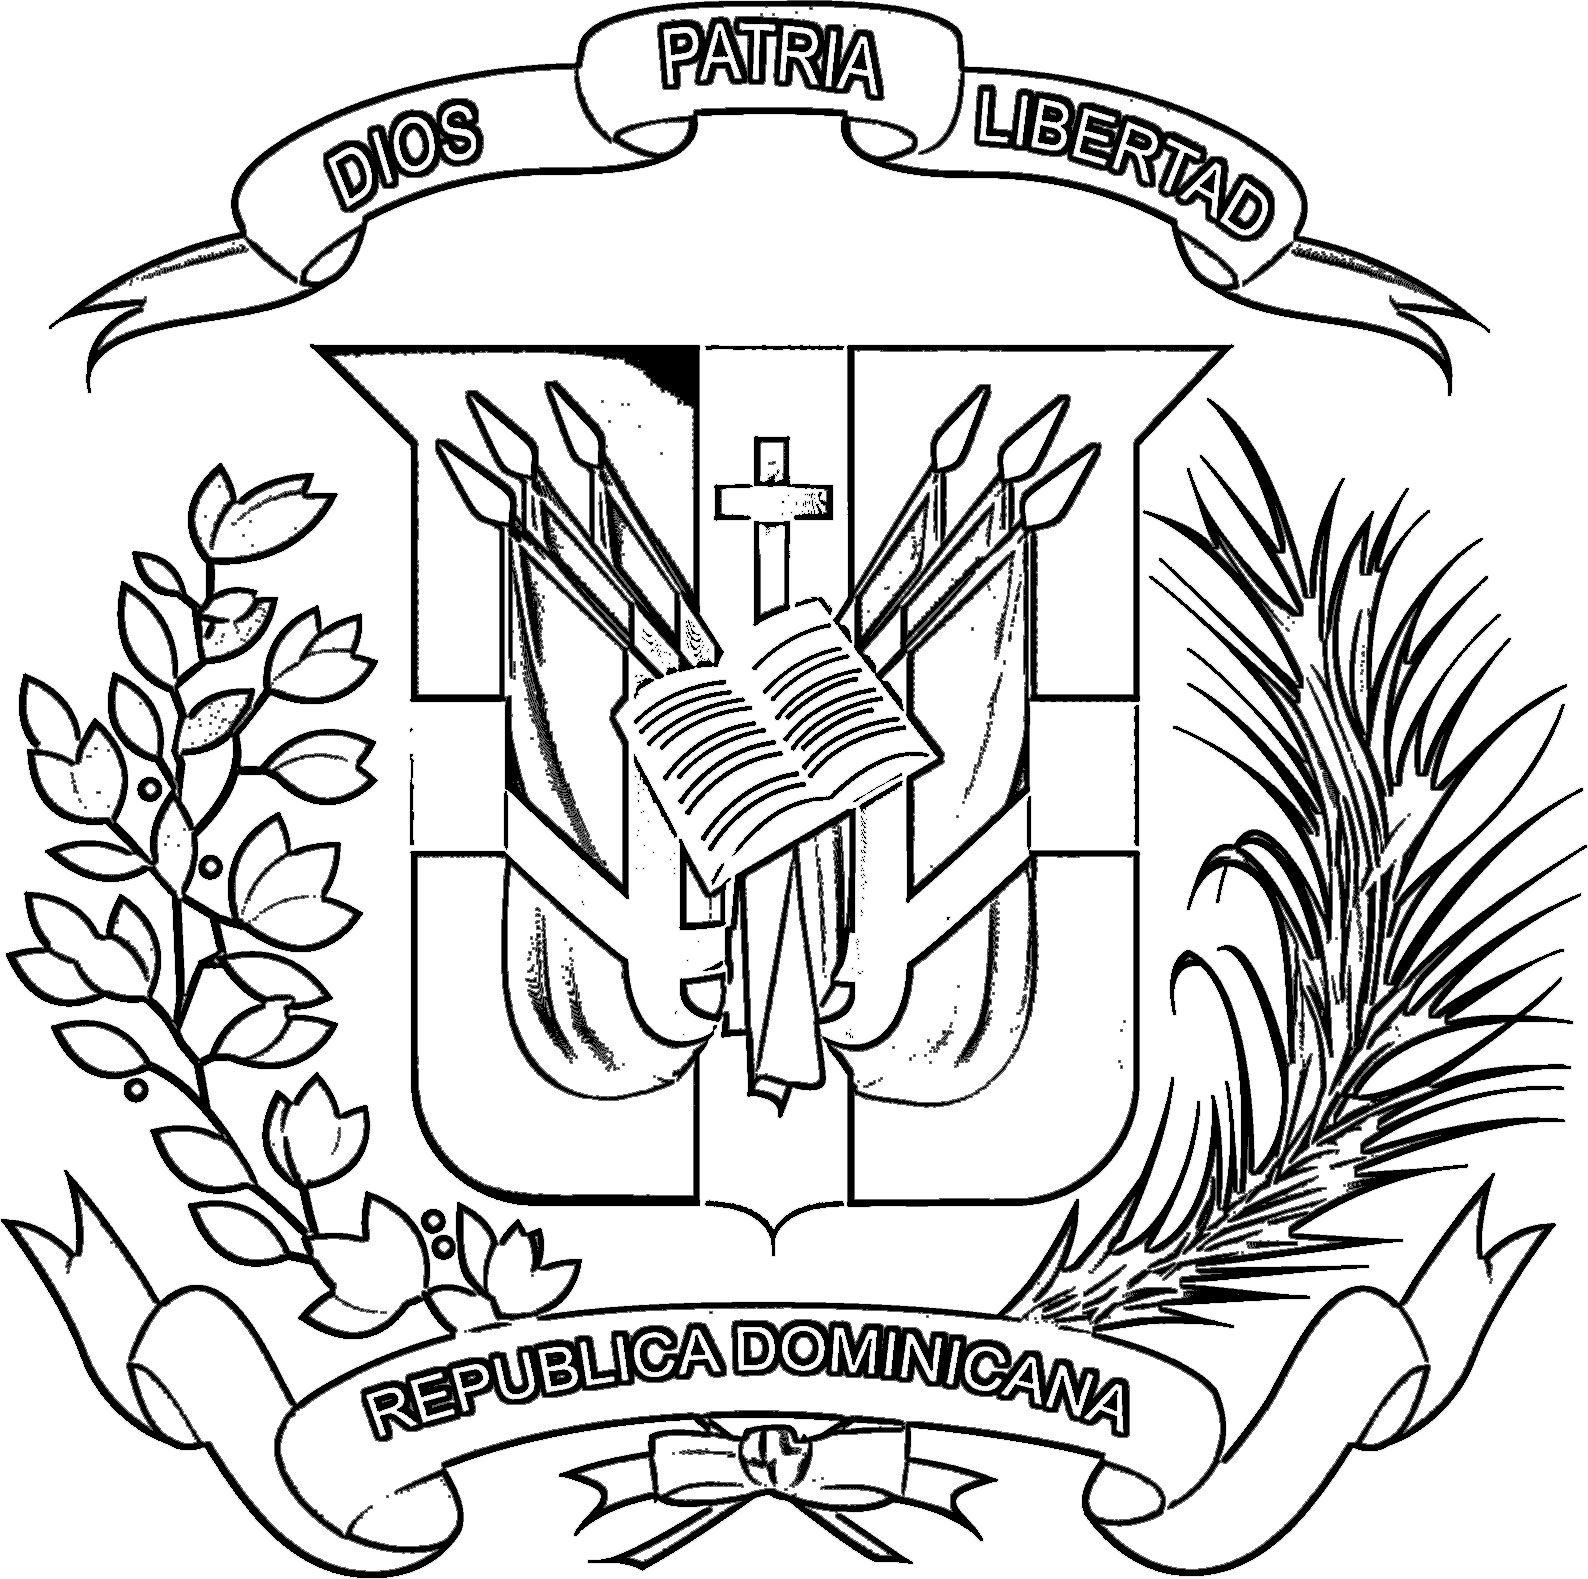 Escudo De Republica Dominicana Para Imprimir Buscar Con Google Tattoo Machine Tattoos Dr Flag